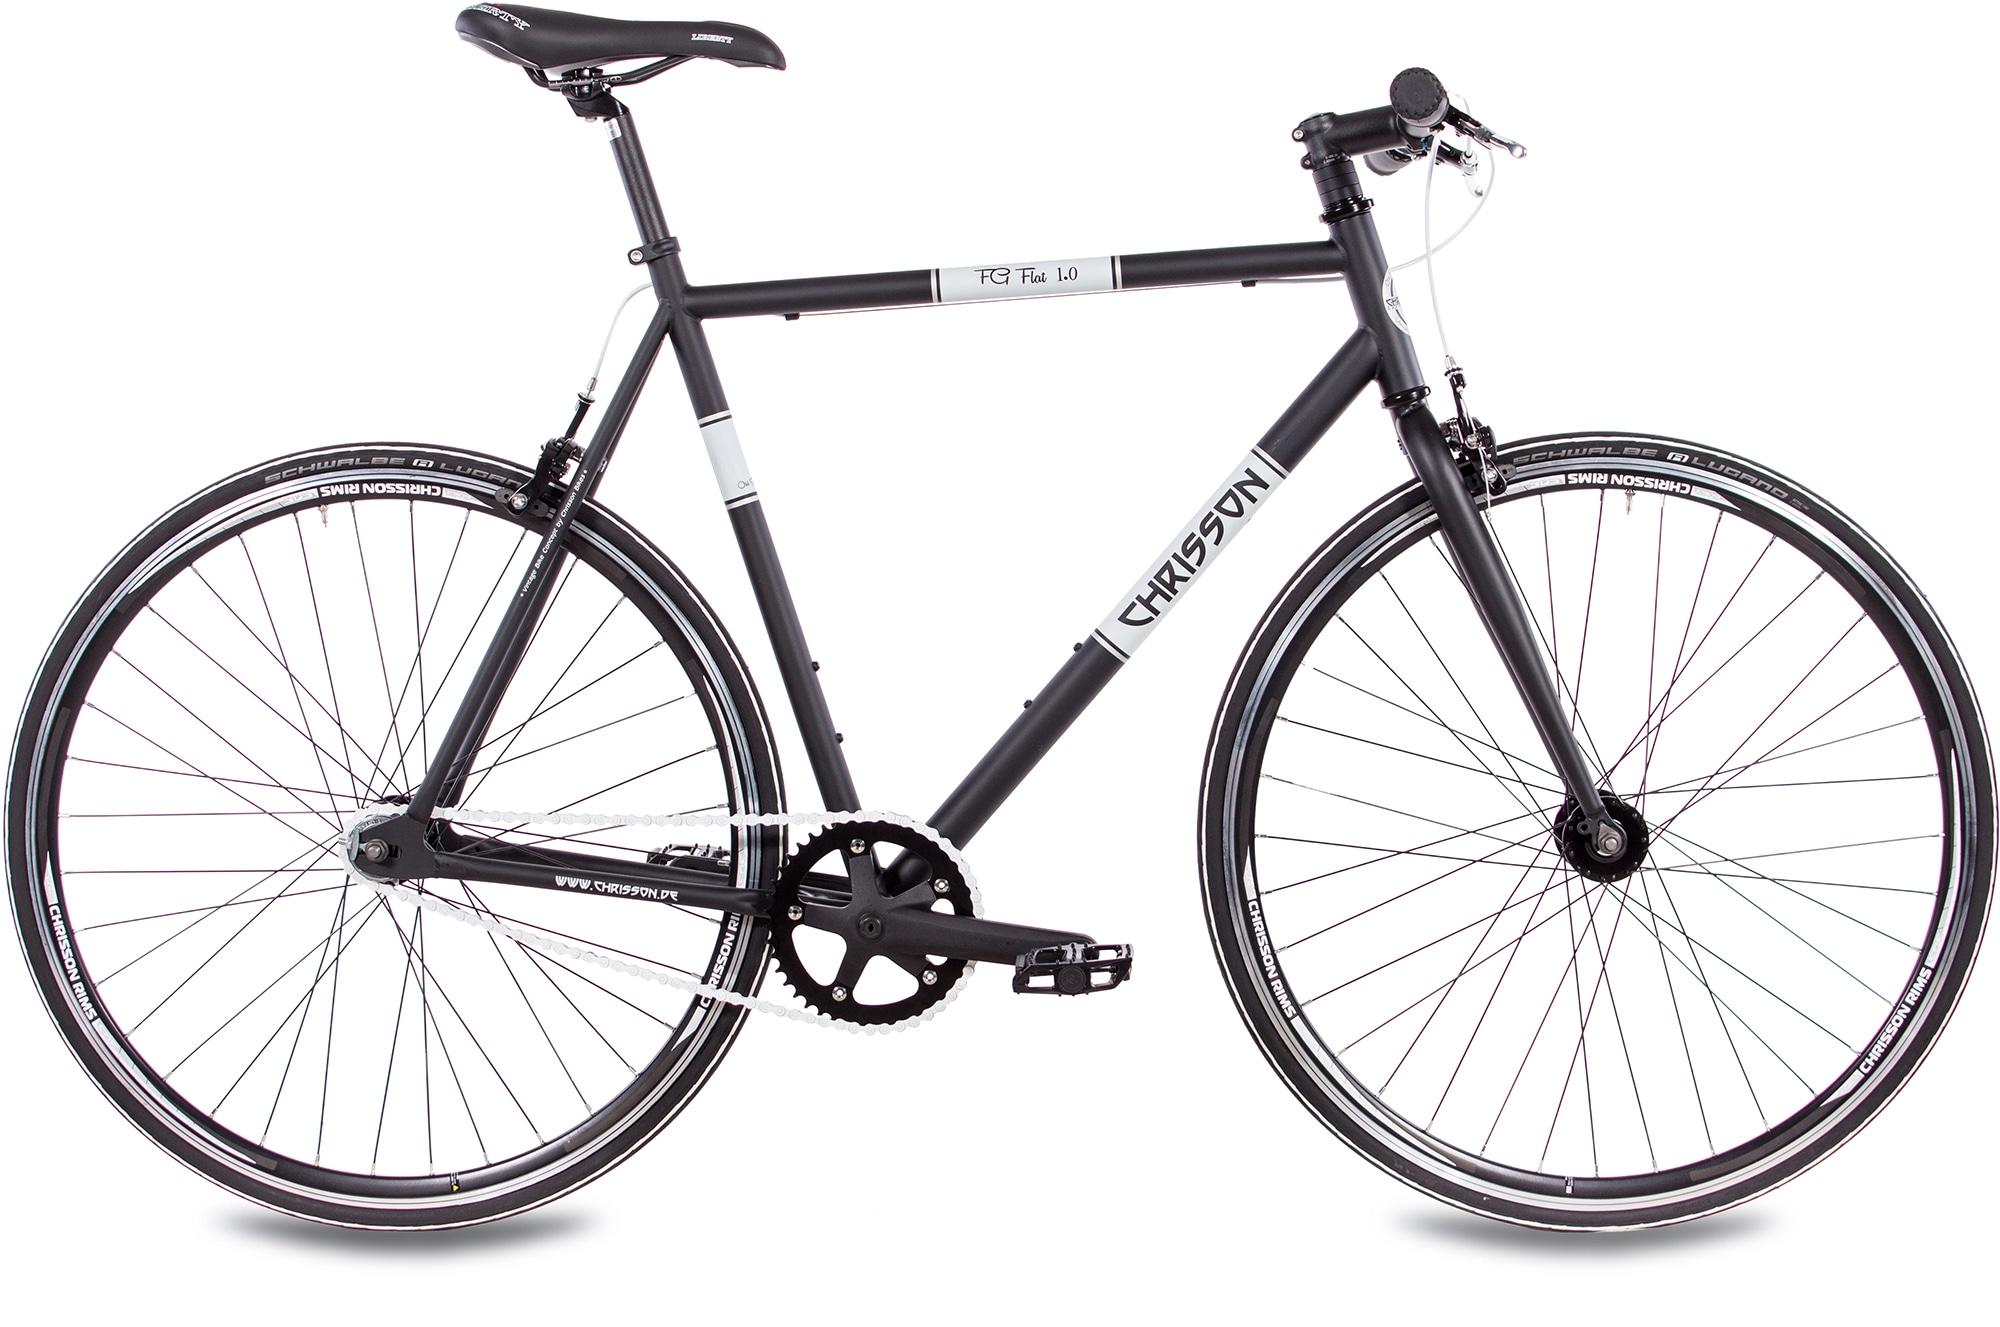 Chrisson Singlespeed FG Flat 1.0, 1 Gang ohne Schaltung (1-tlg.) schwarz Fahrräder Zubehör Fahrrad